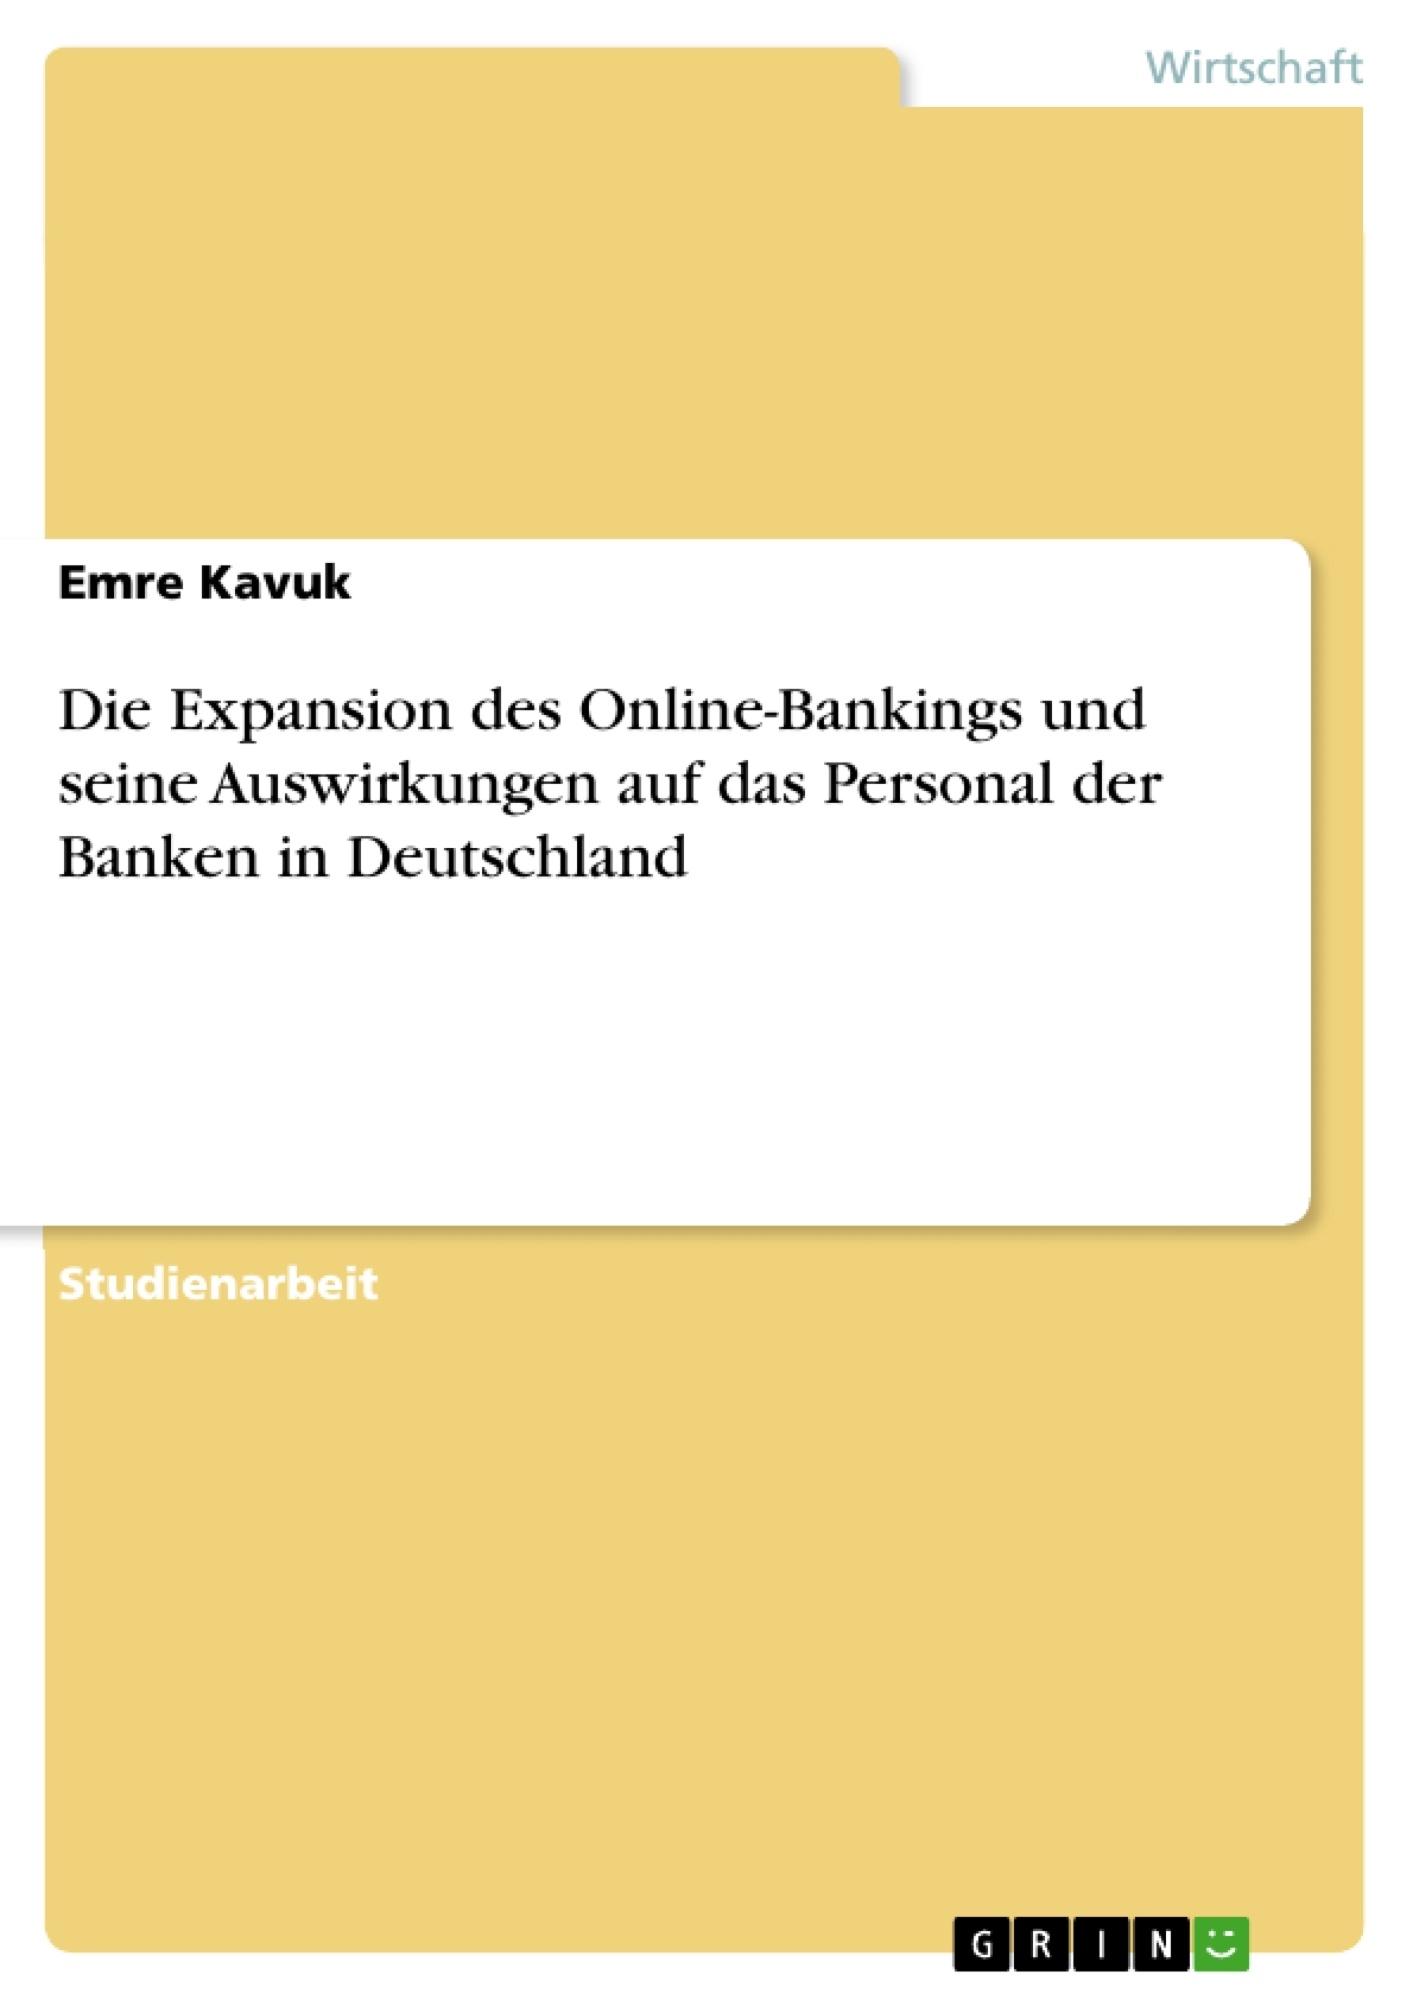 Titel: Die Expansion des Online-Bankings und seine Auswirkungen auf das Personal der Banken in Deutschland